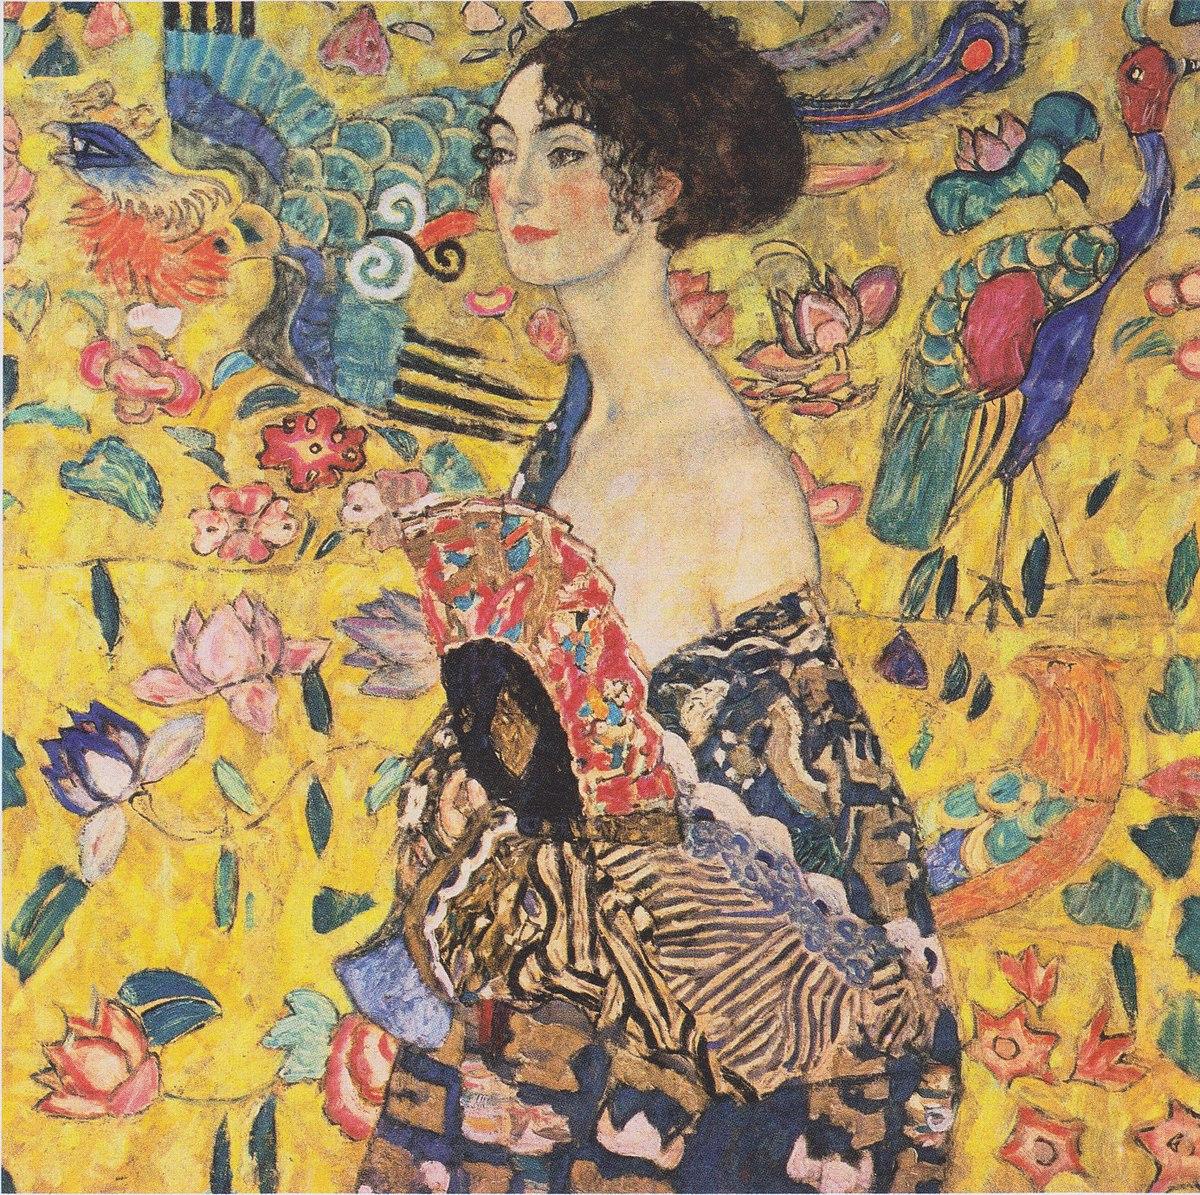 Datei:Gustav Klimt - Dame mit Fächer.jpeg – Wikipedia